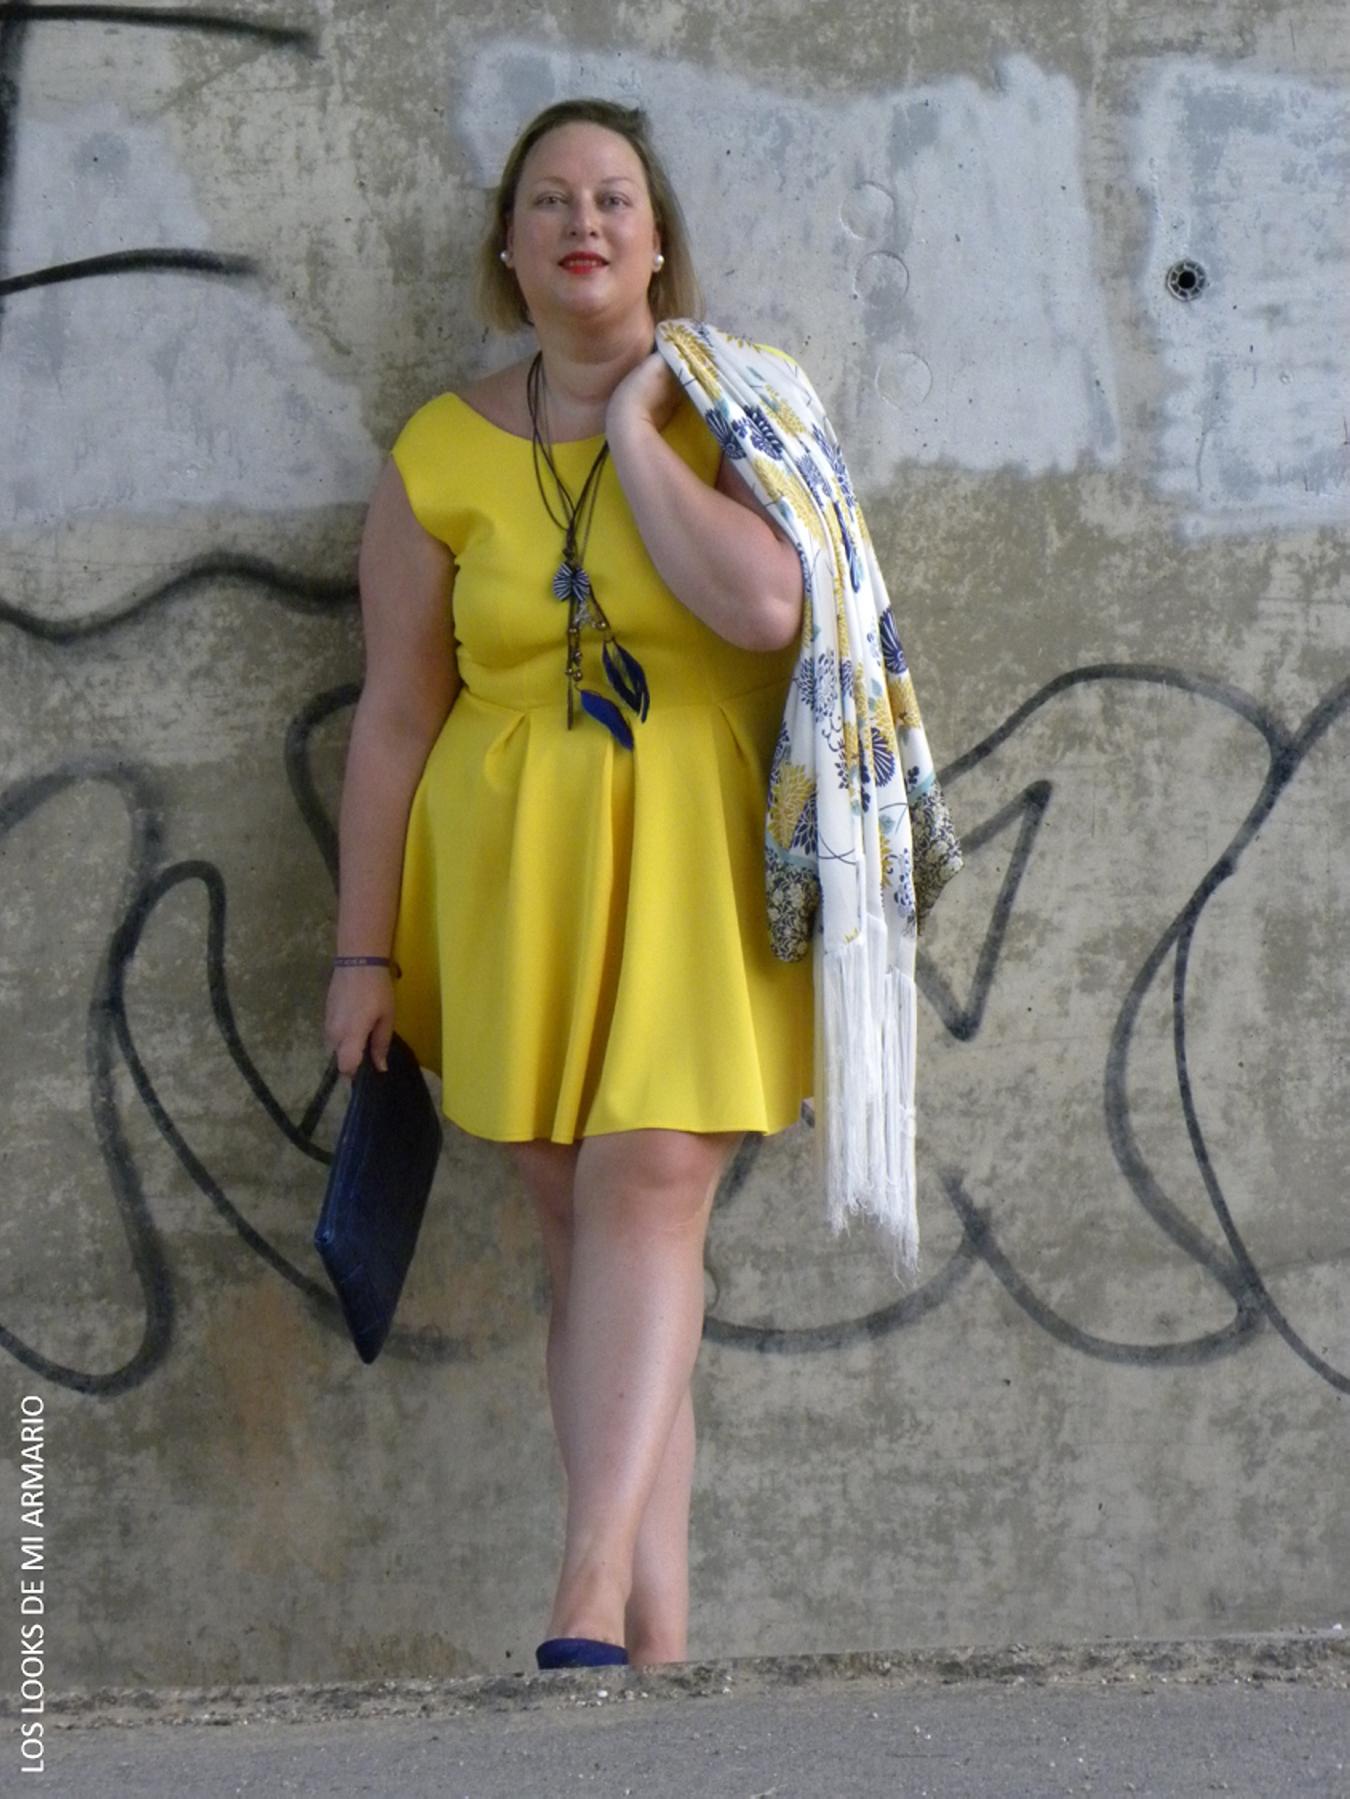 portada-los-looks-de-mi-armario-vestido-amarillo-accesorios-azul ... e1364eea600f